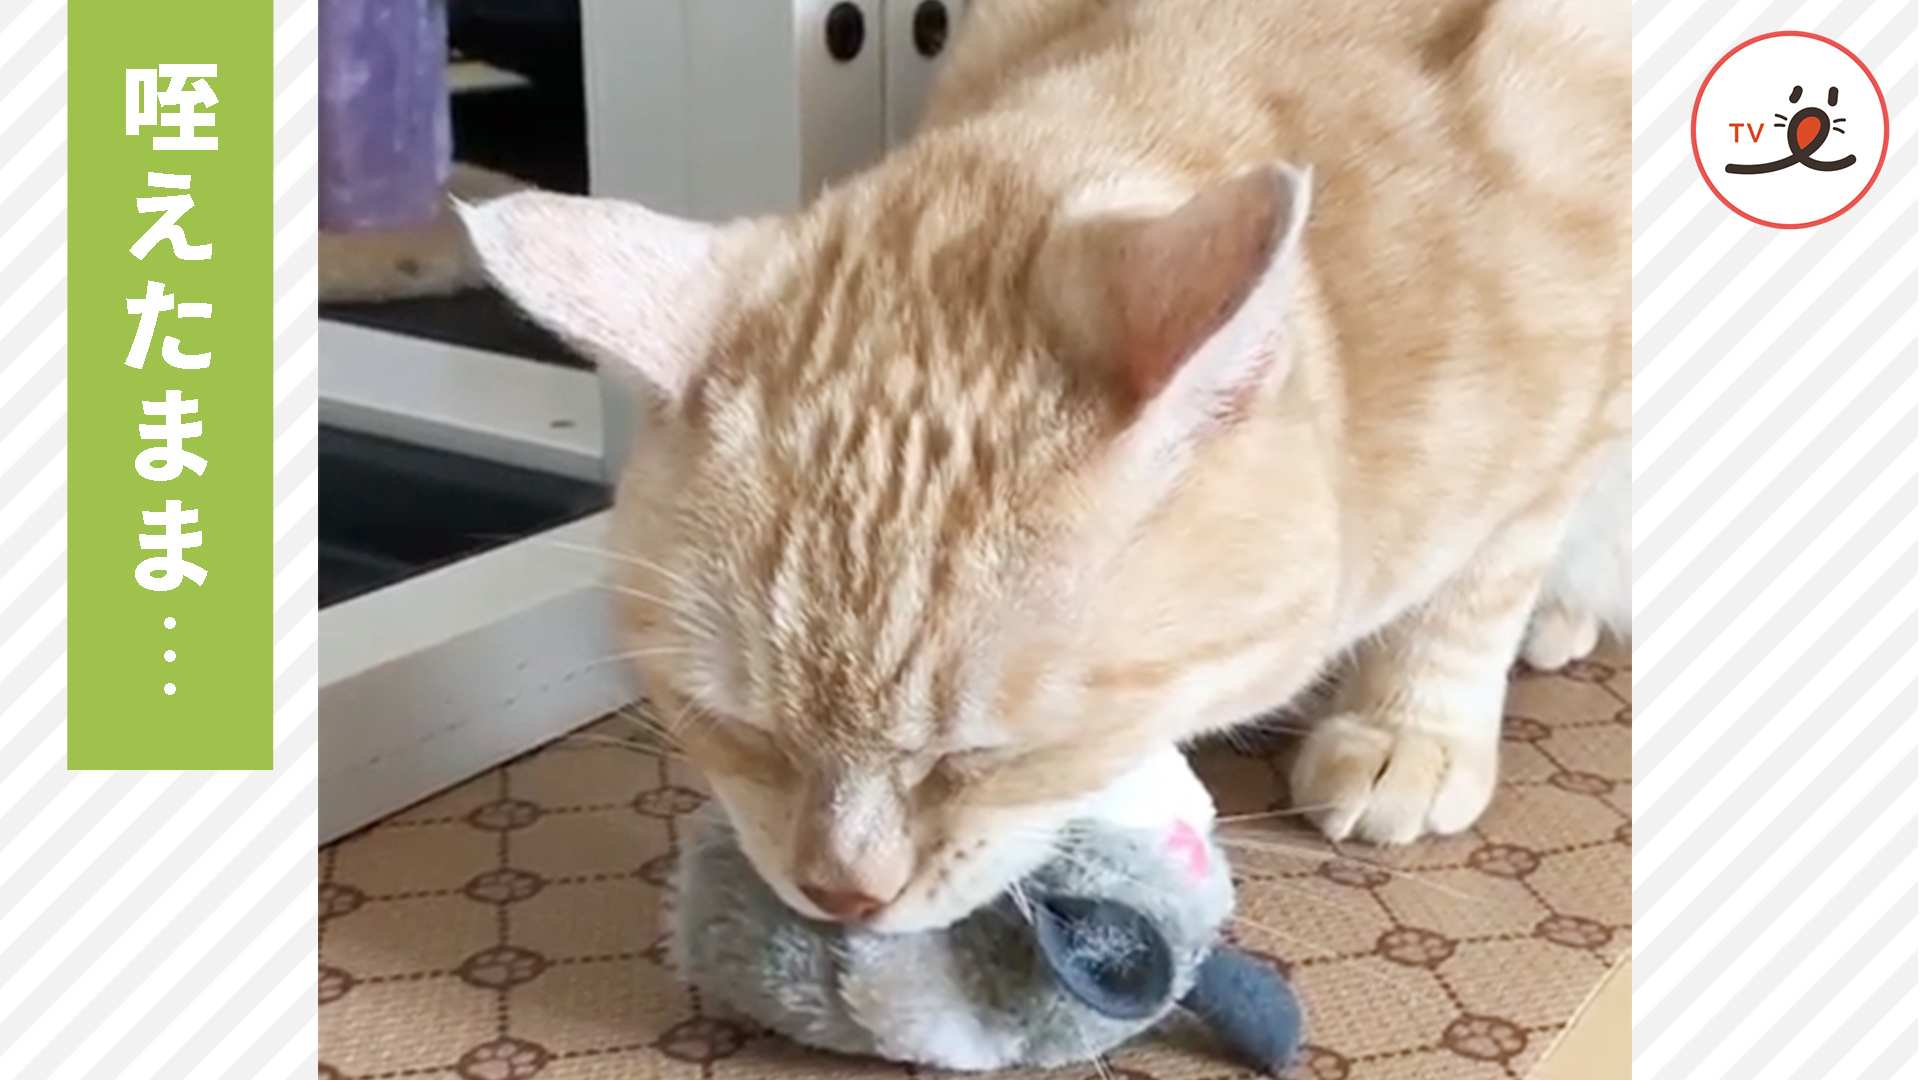 遊ぼうと思っておもちゃを咥えていたら、猫さんに「ある異変」が起きた…😂